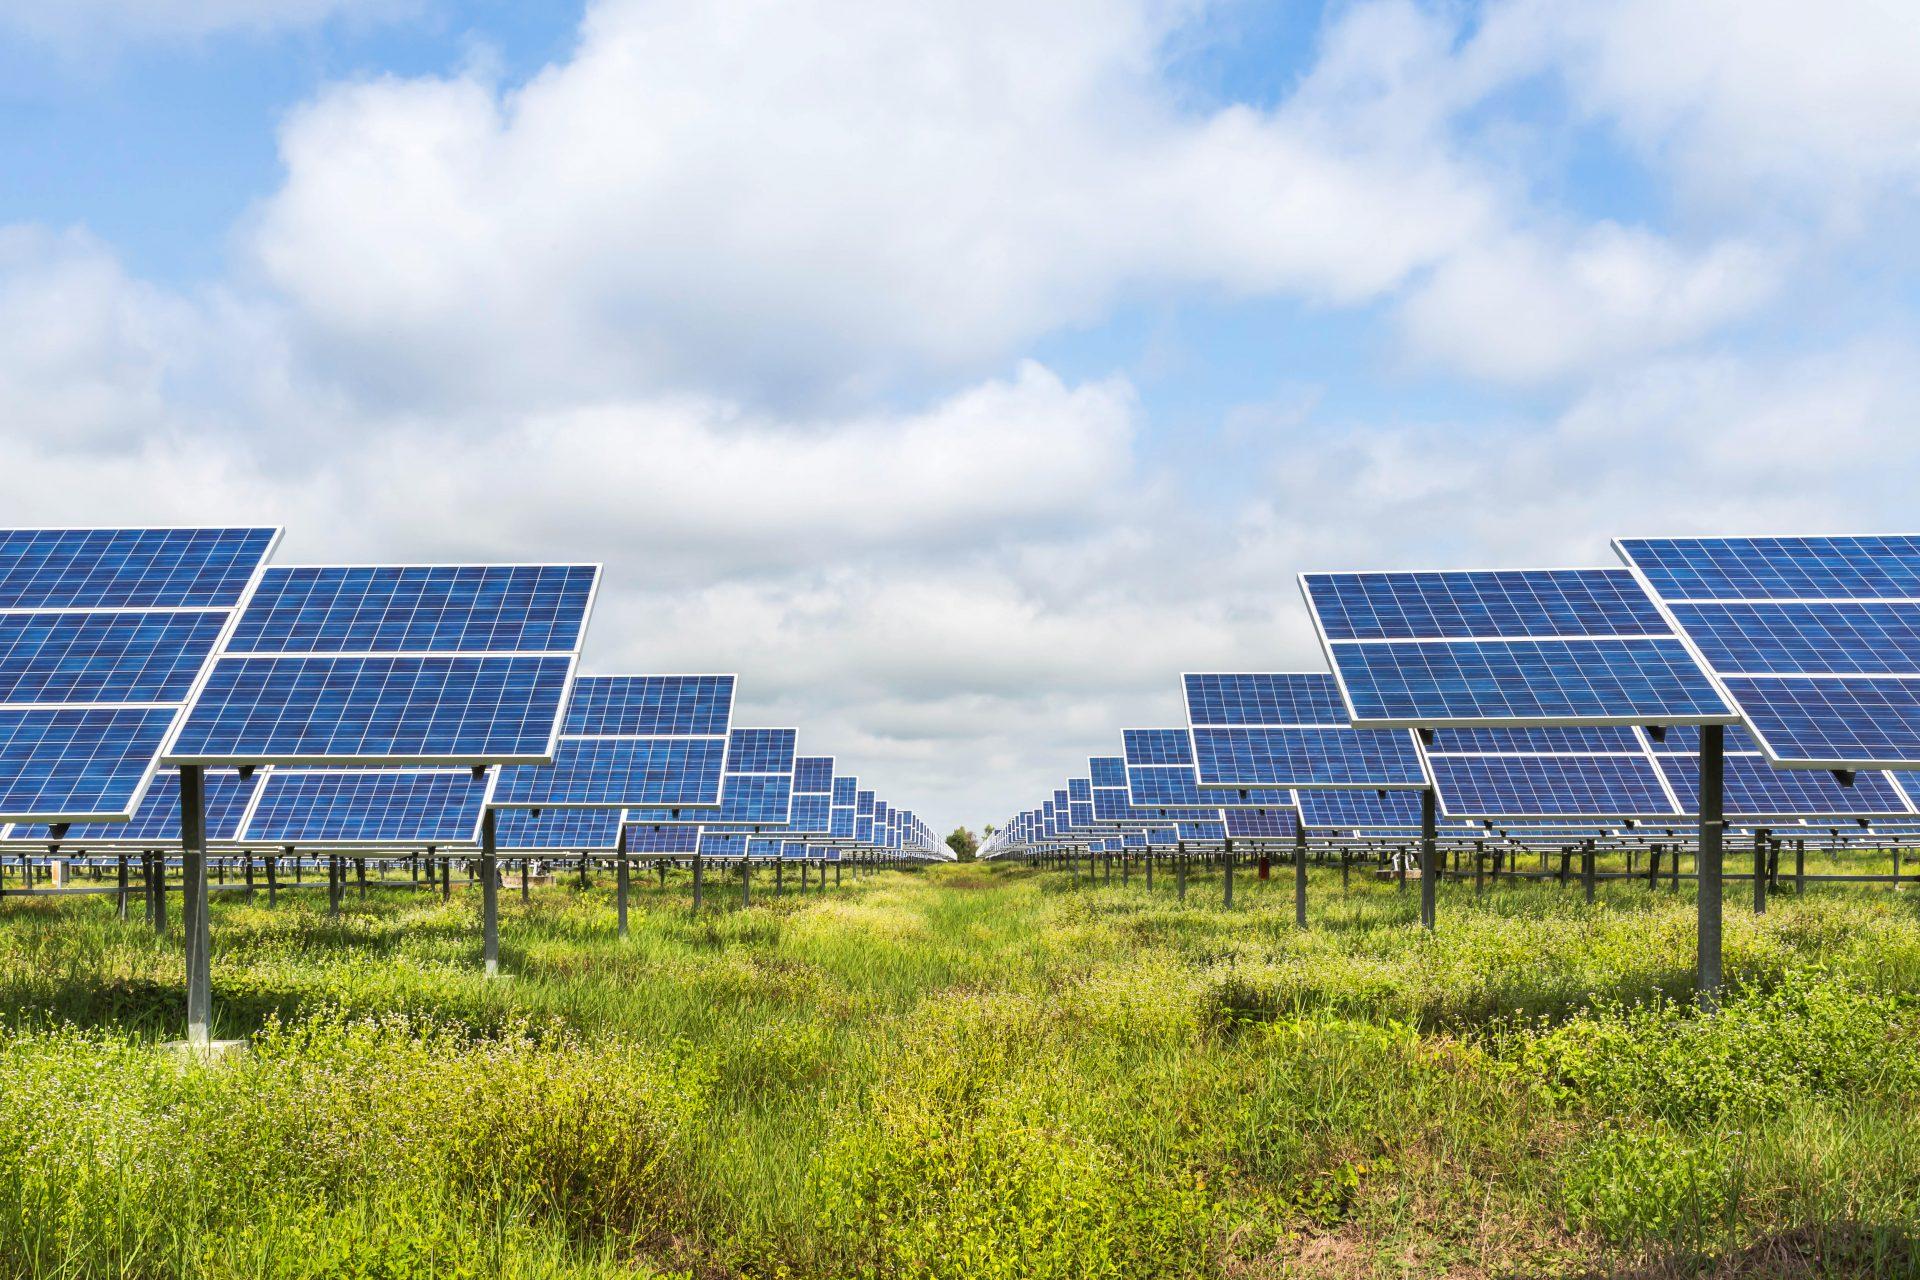 همکاری Vodafone با Energy Web، نوید بخش تحول در صنعت انرژی